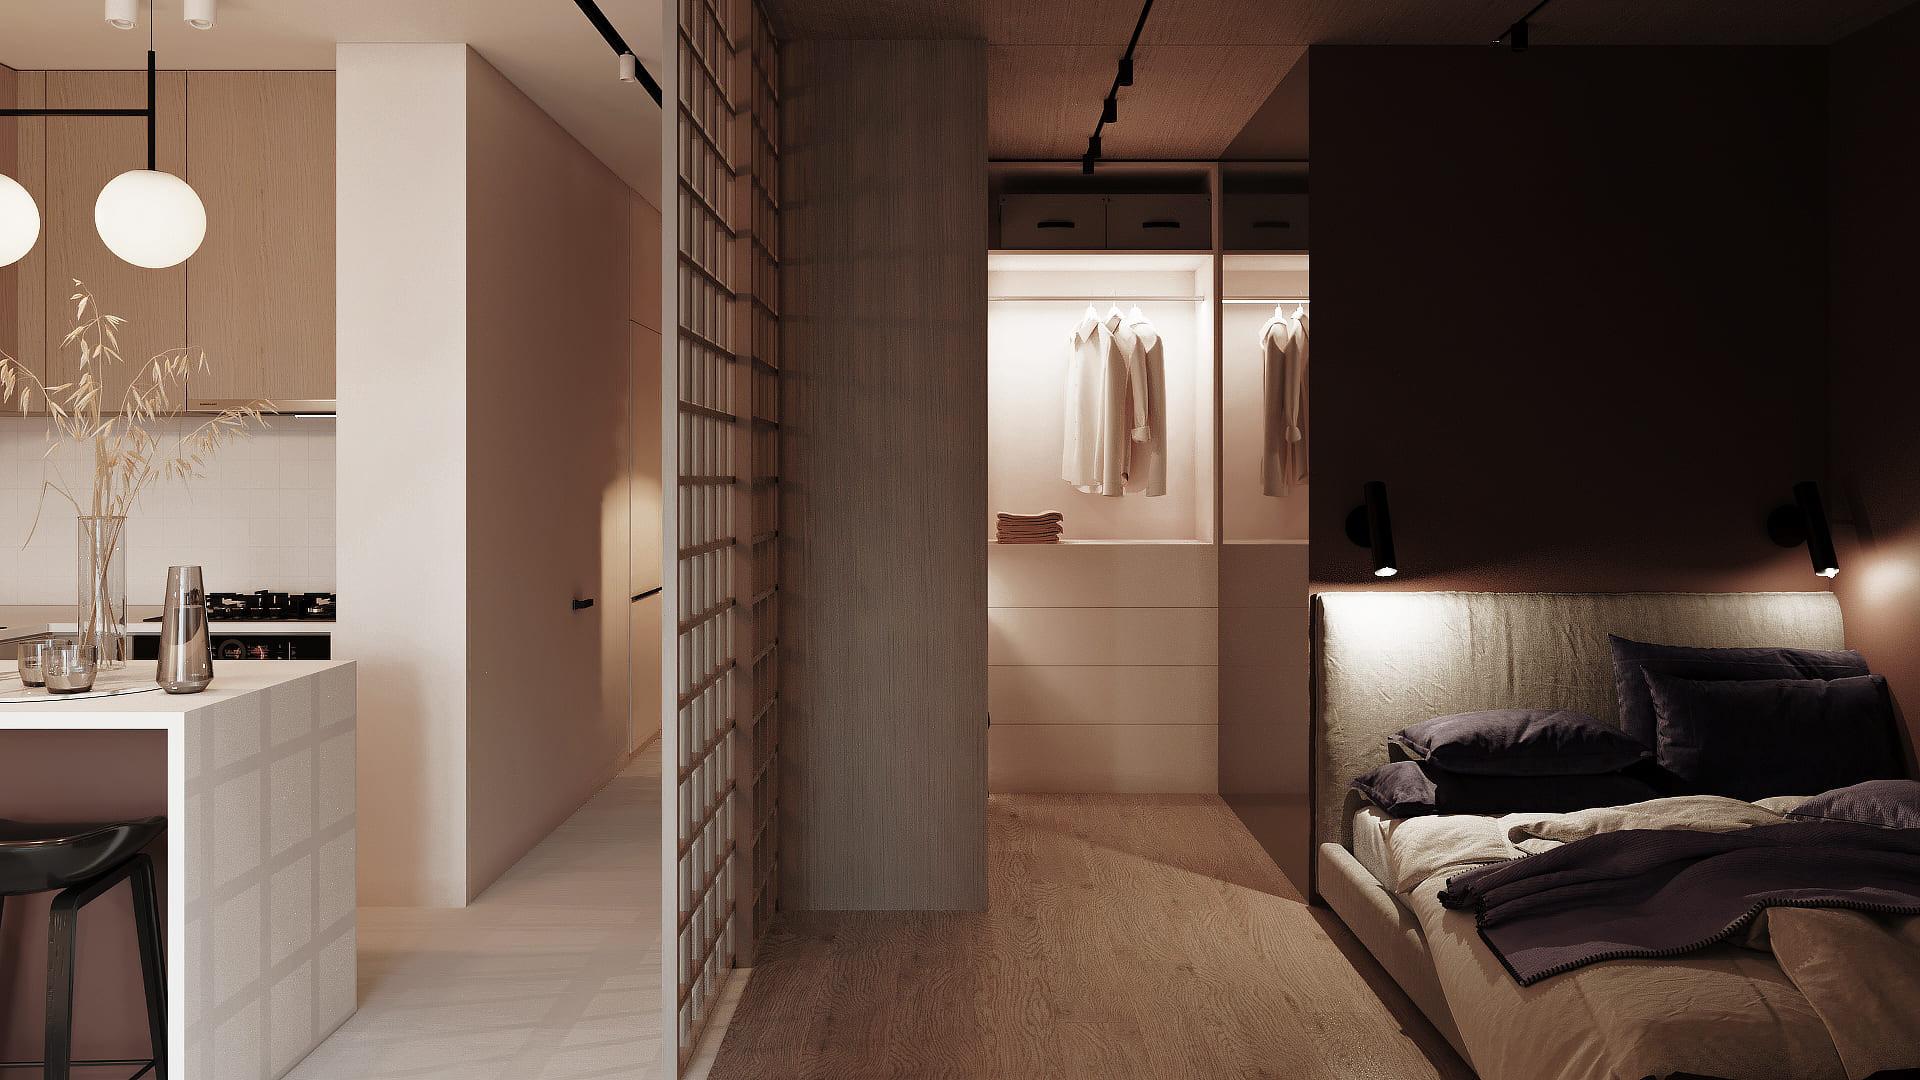 senko-architects-ID_16_01